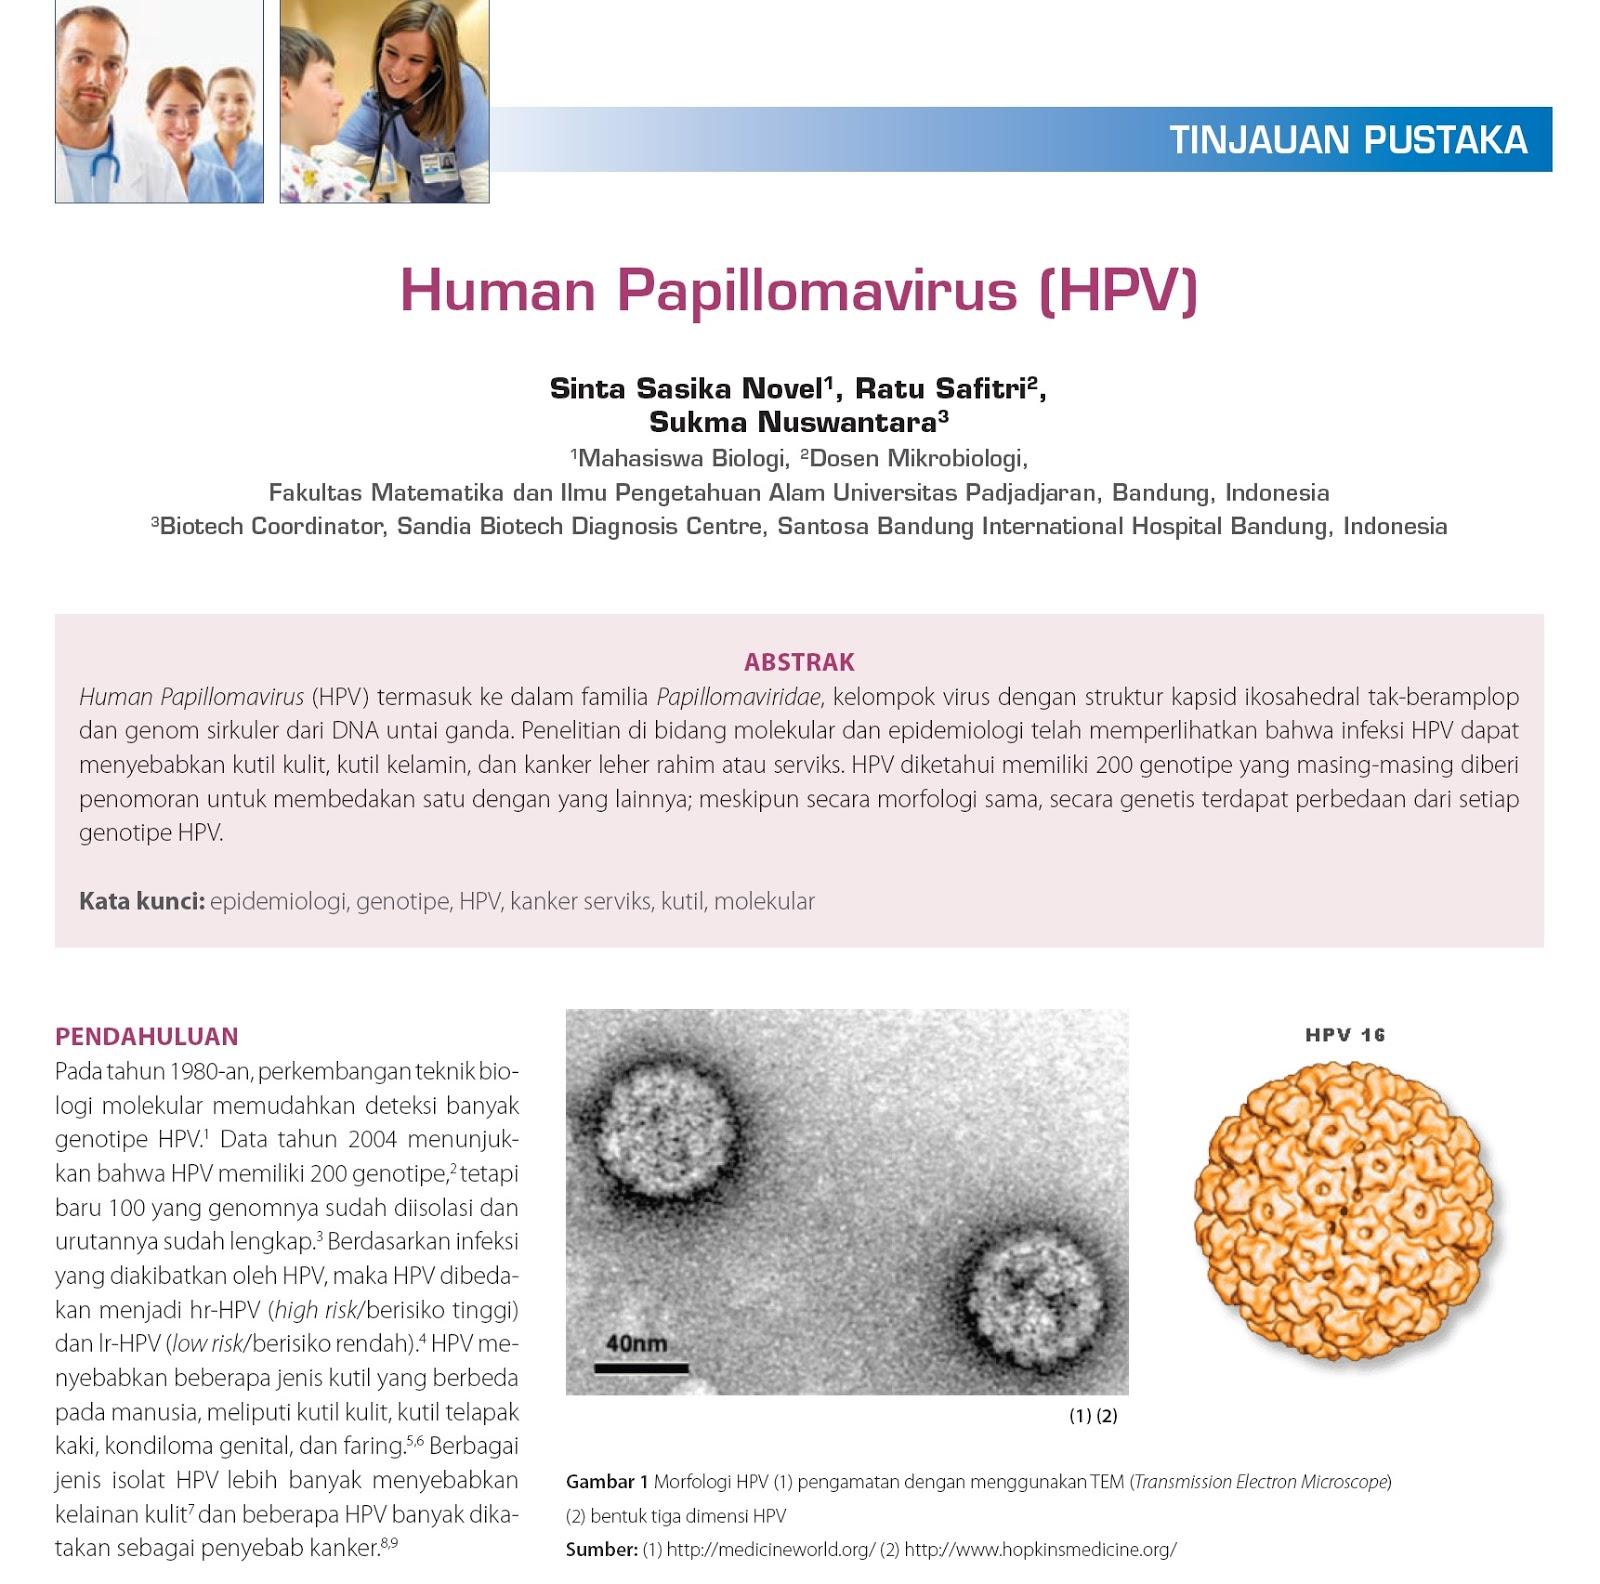 papillomavirus condylomata acuminata human papillomavirus features